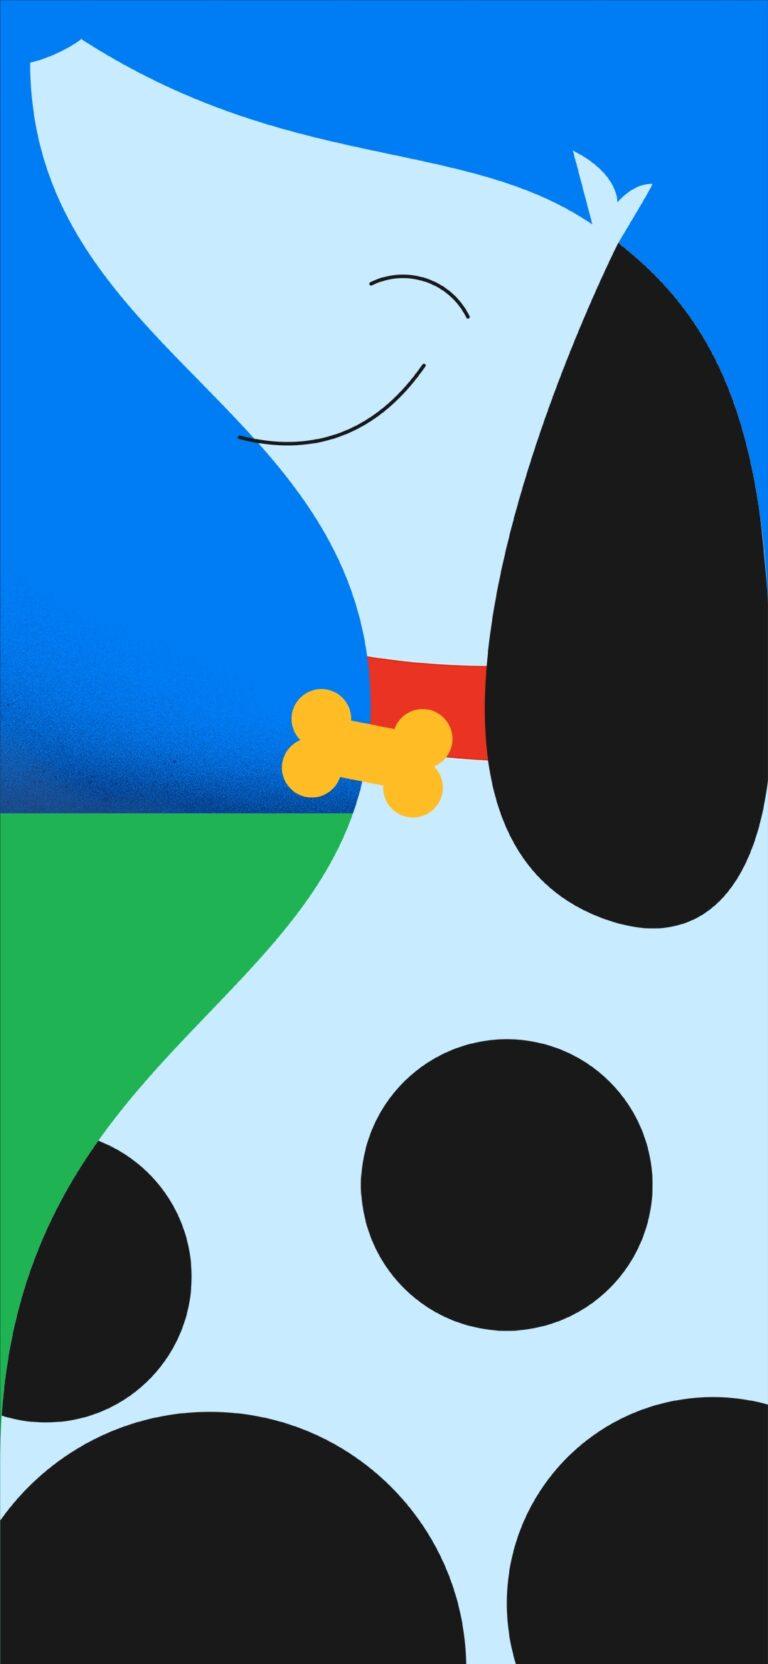 Pixel4a wallpaper 4